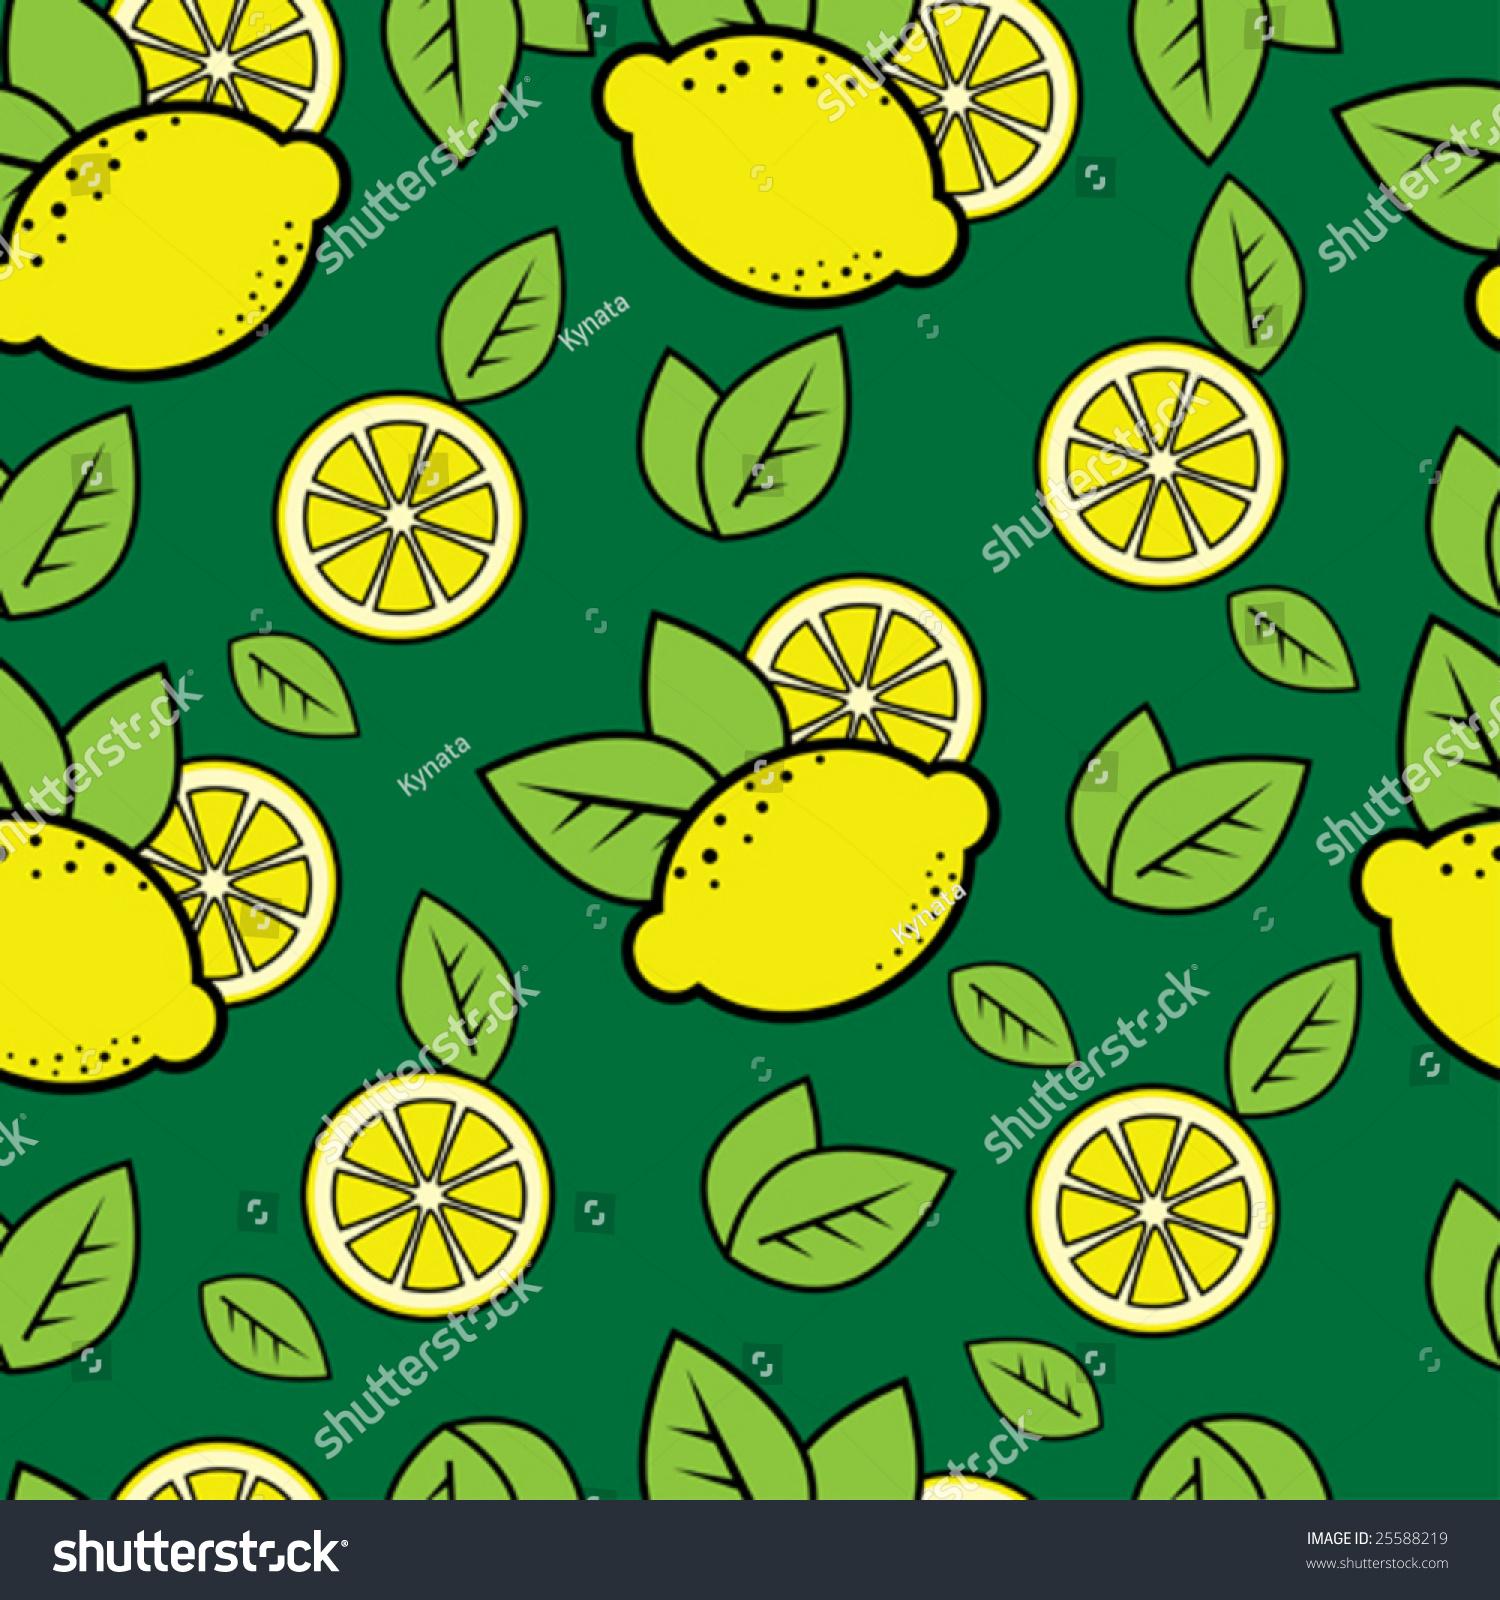 无缝的绿色模式与可爱的柠檬-背景/素材,插图/剪贴图